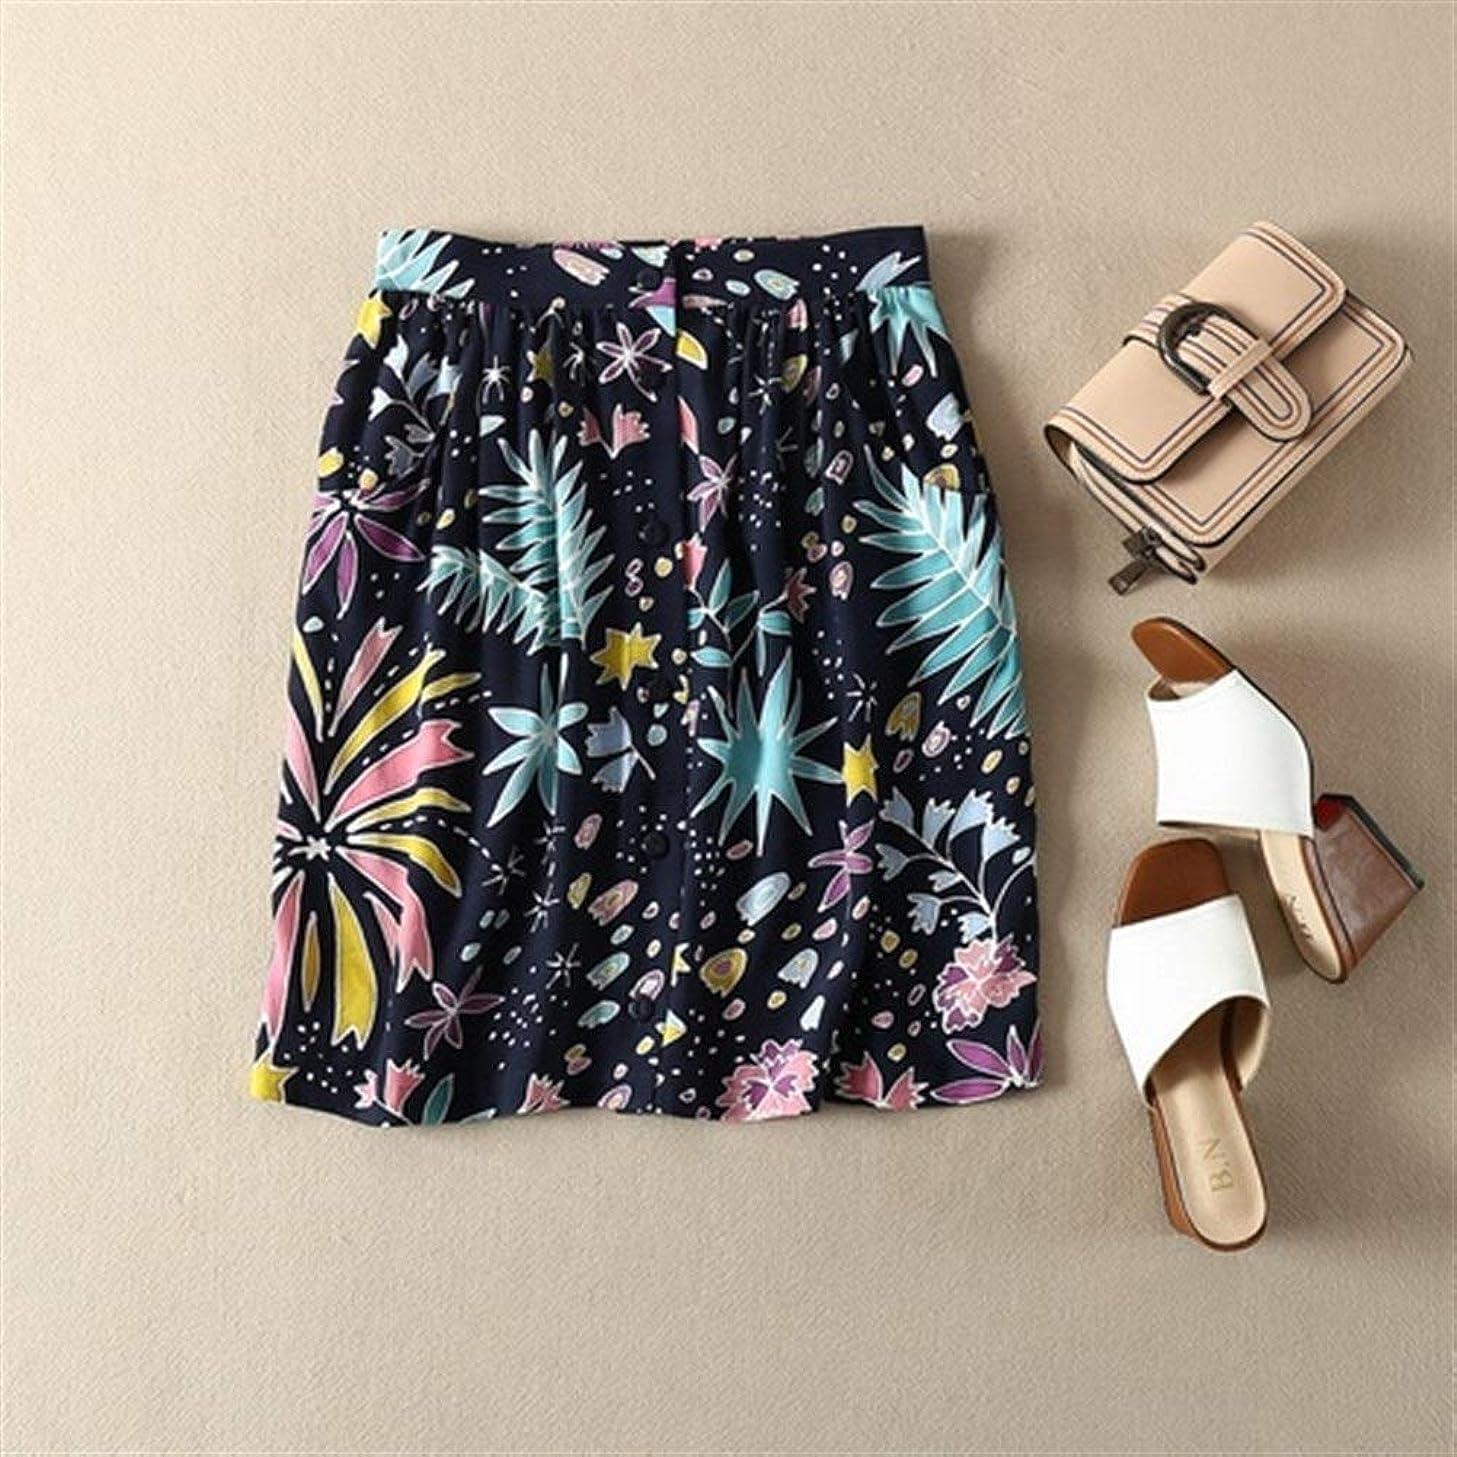 混沌時制繊毛QSCFRET フランスの夏休みスカート通気フロービスコースシングルブレストポケットプリーツスカート (Color : Sea Grass, Size : M)